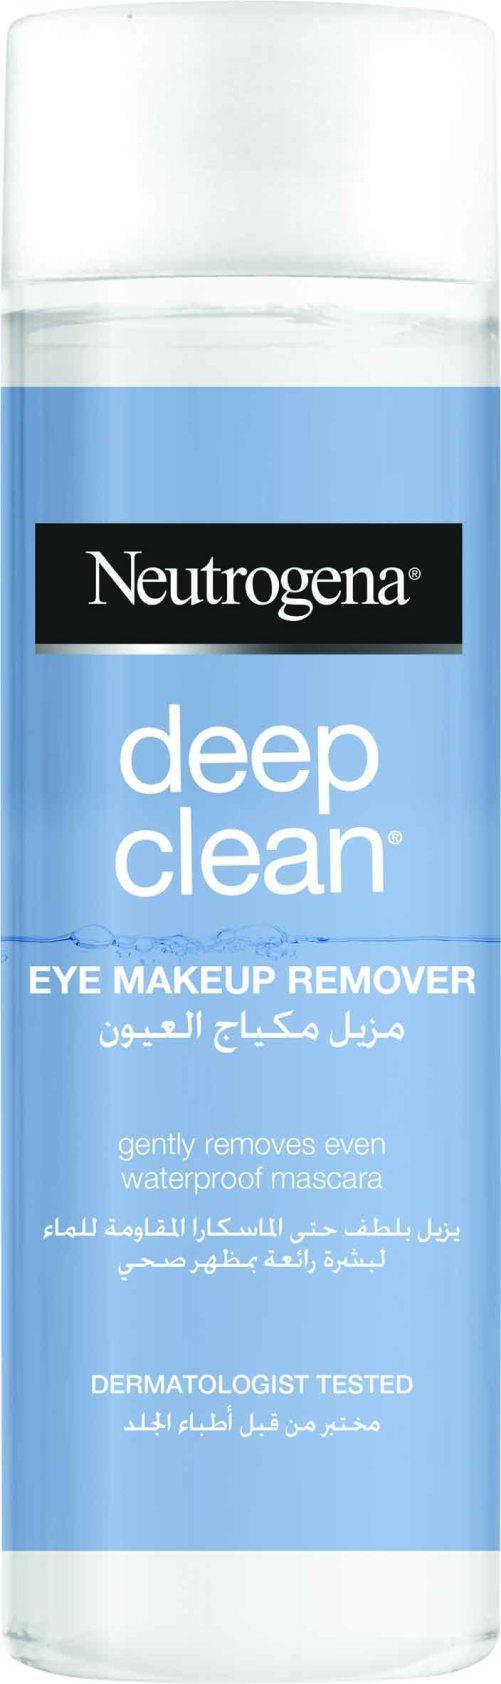 NTG_DeepClean_Deep Clean_Eye make-up remover.jpg